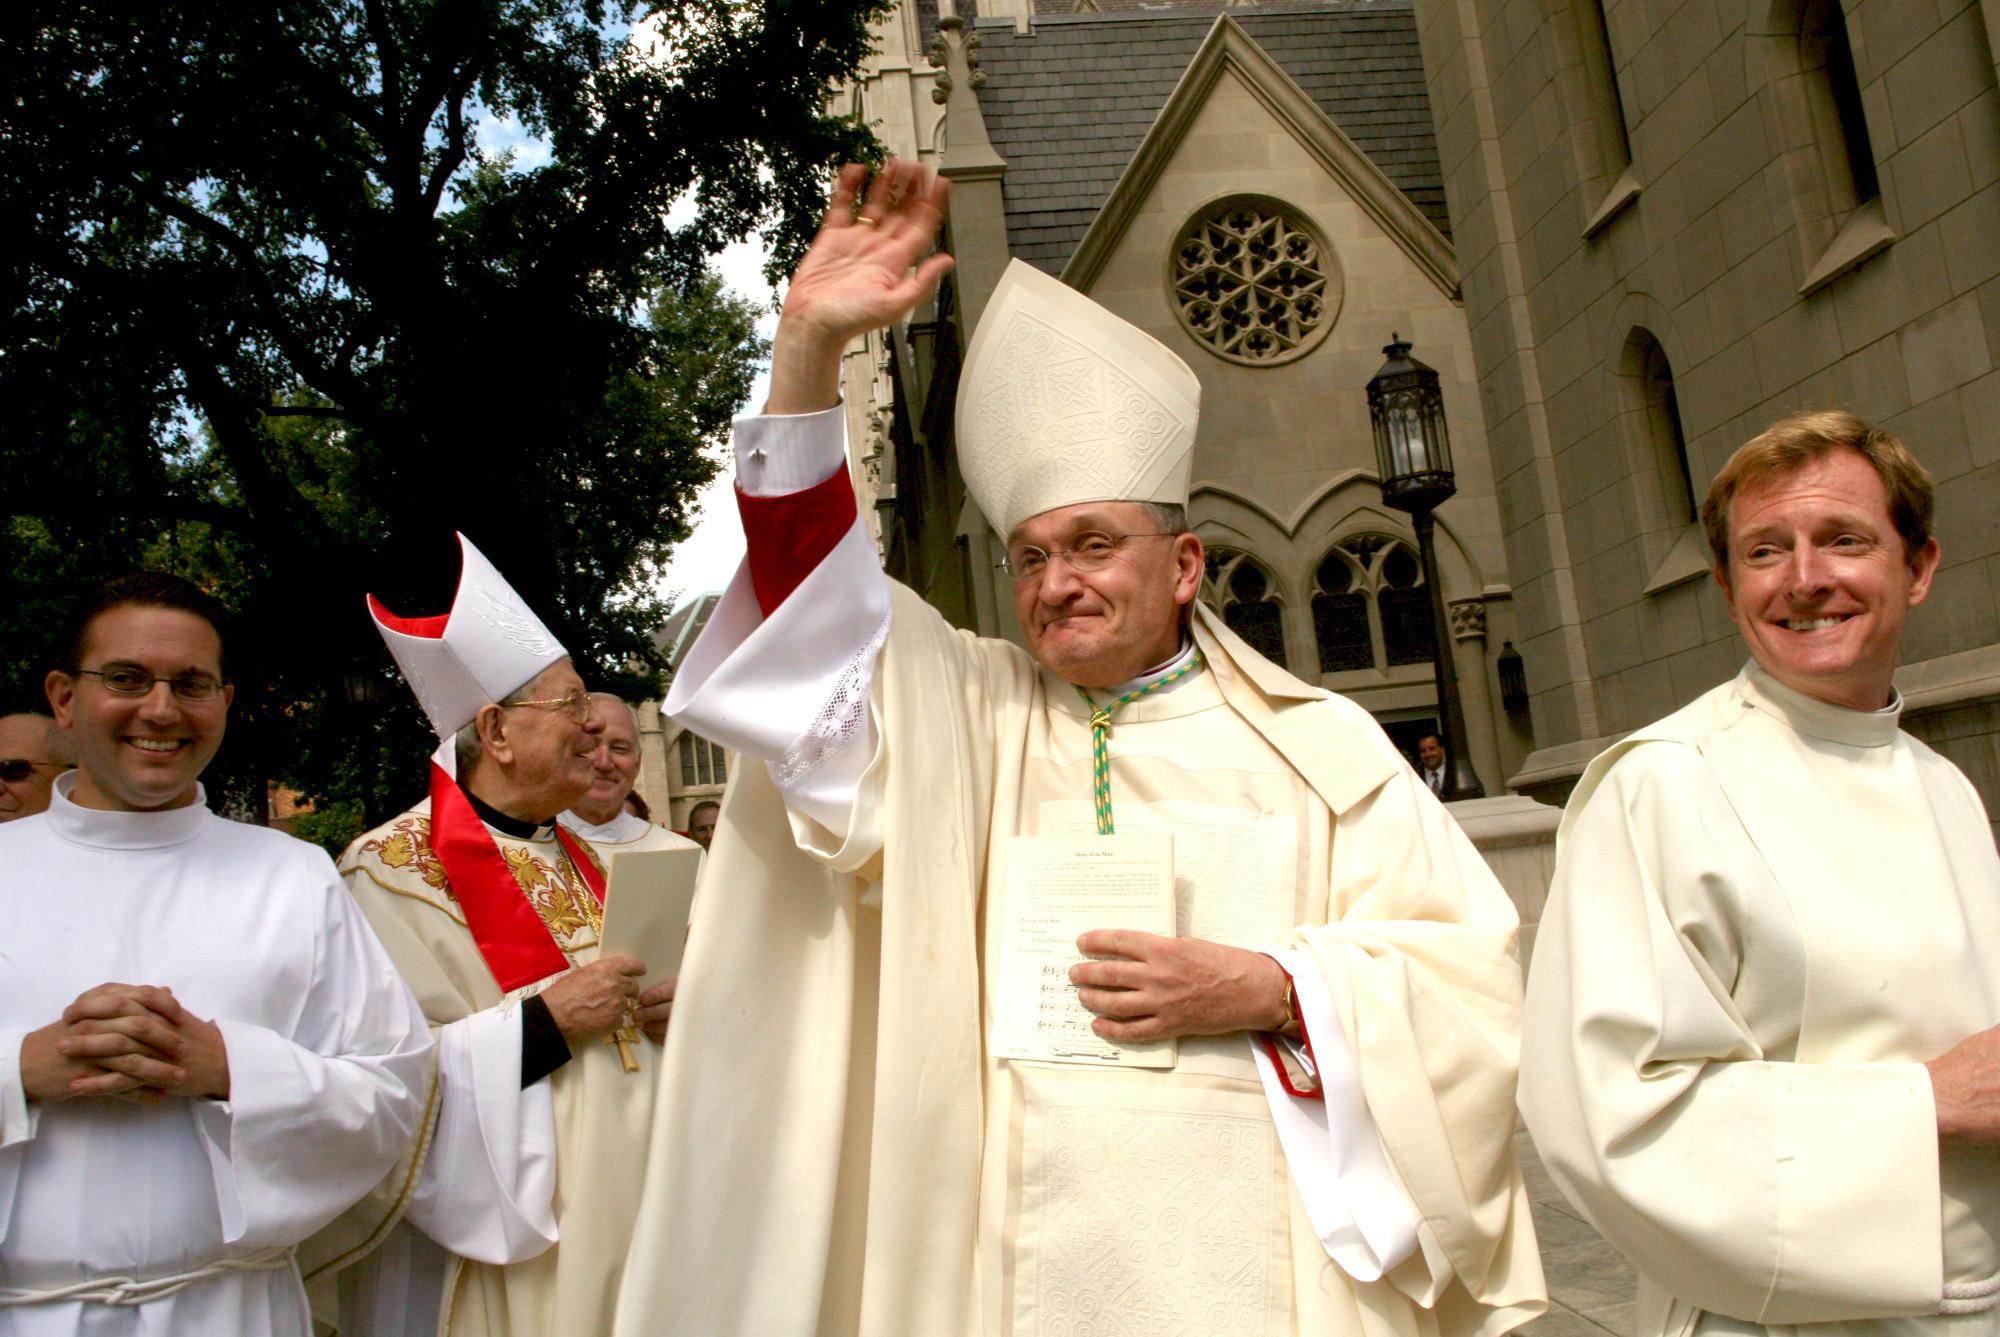 The pittsburgh catholic